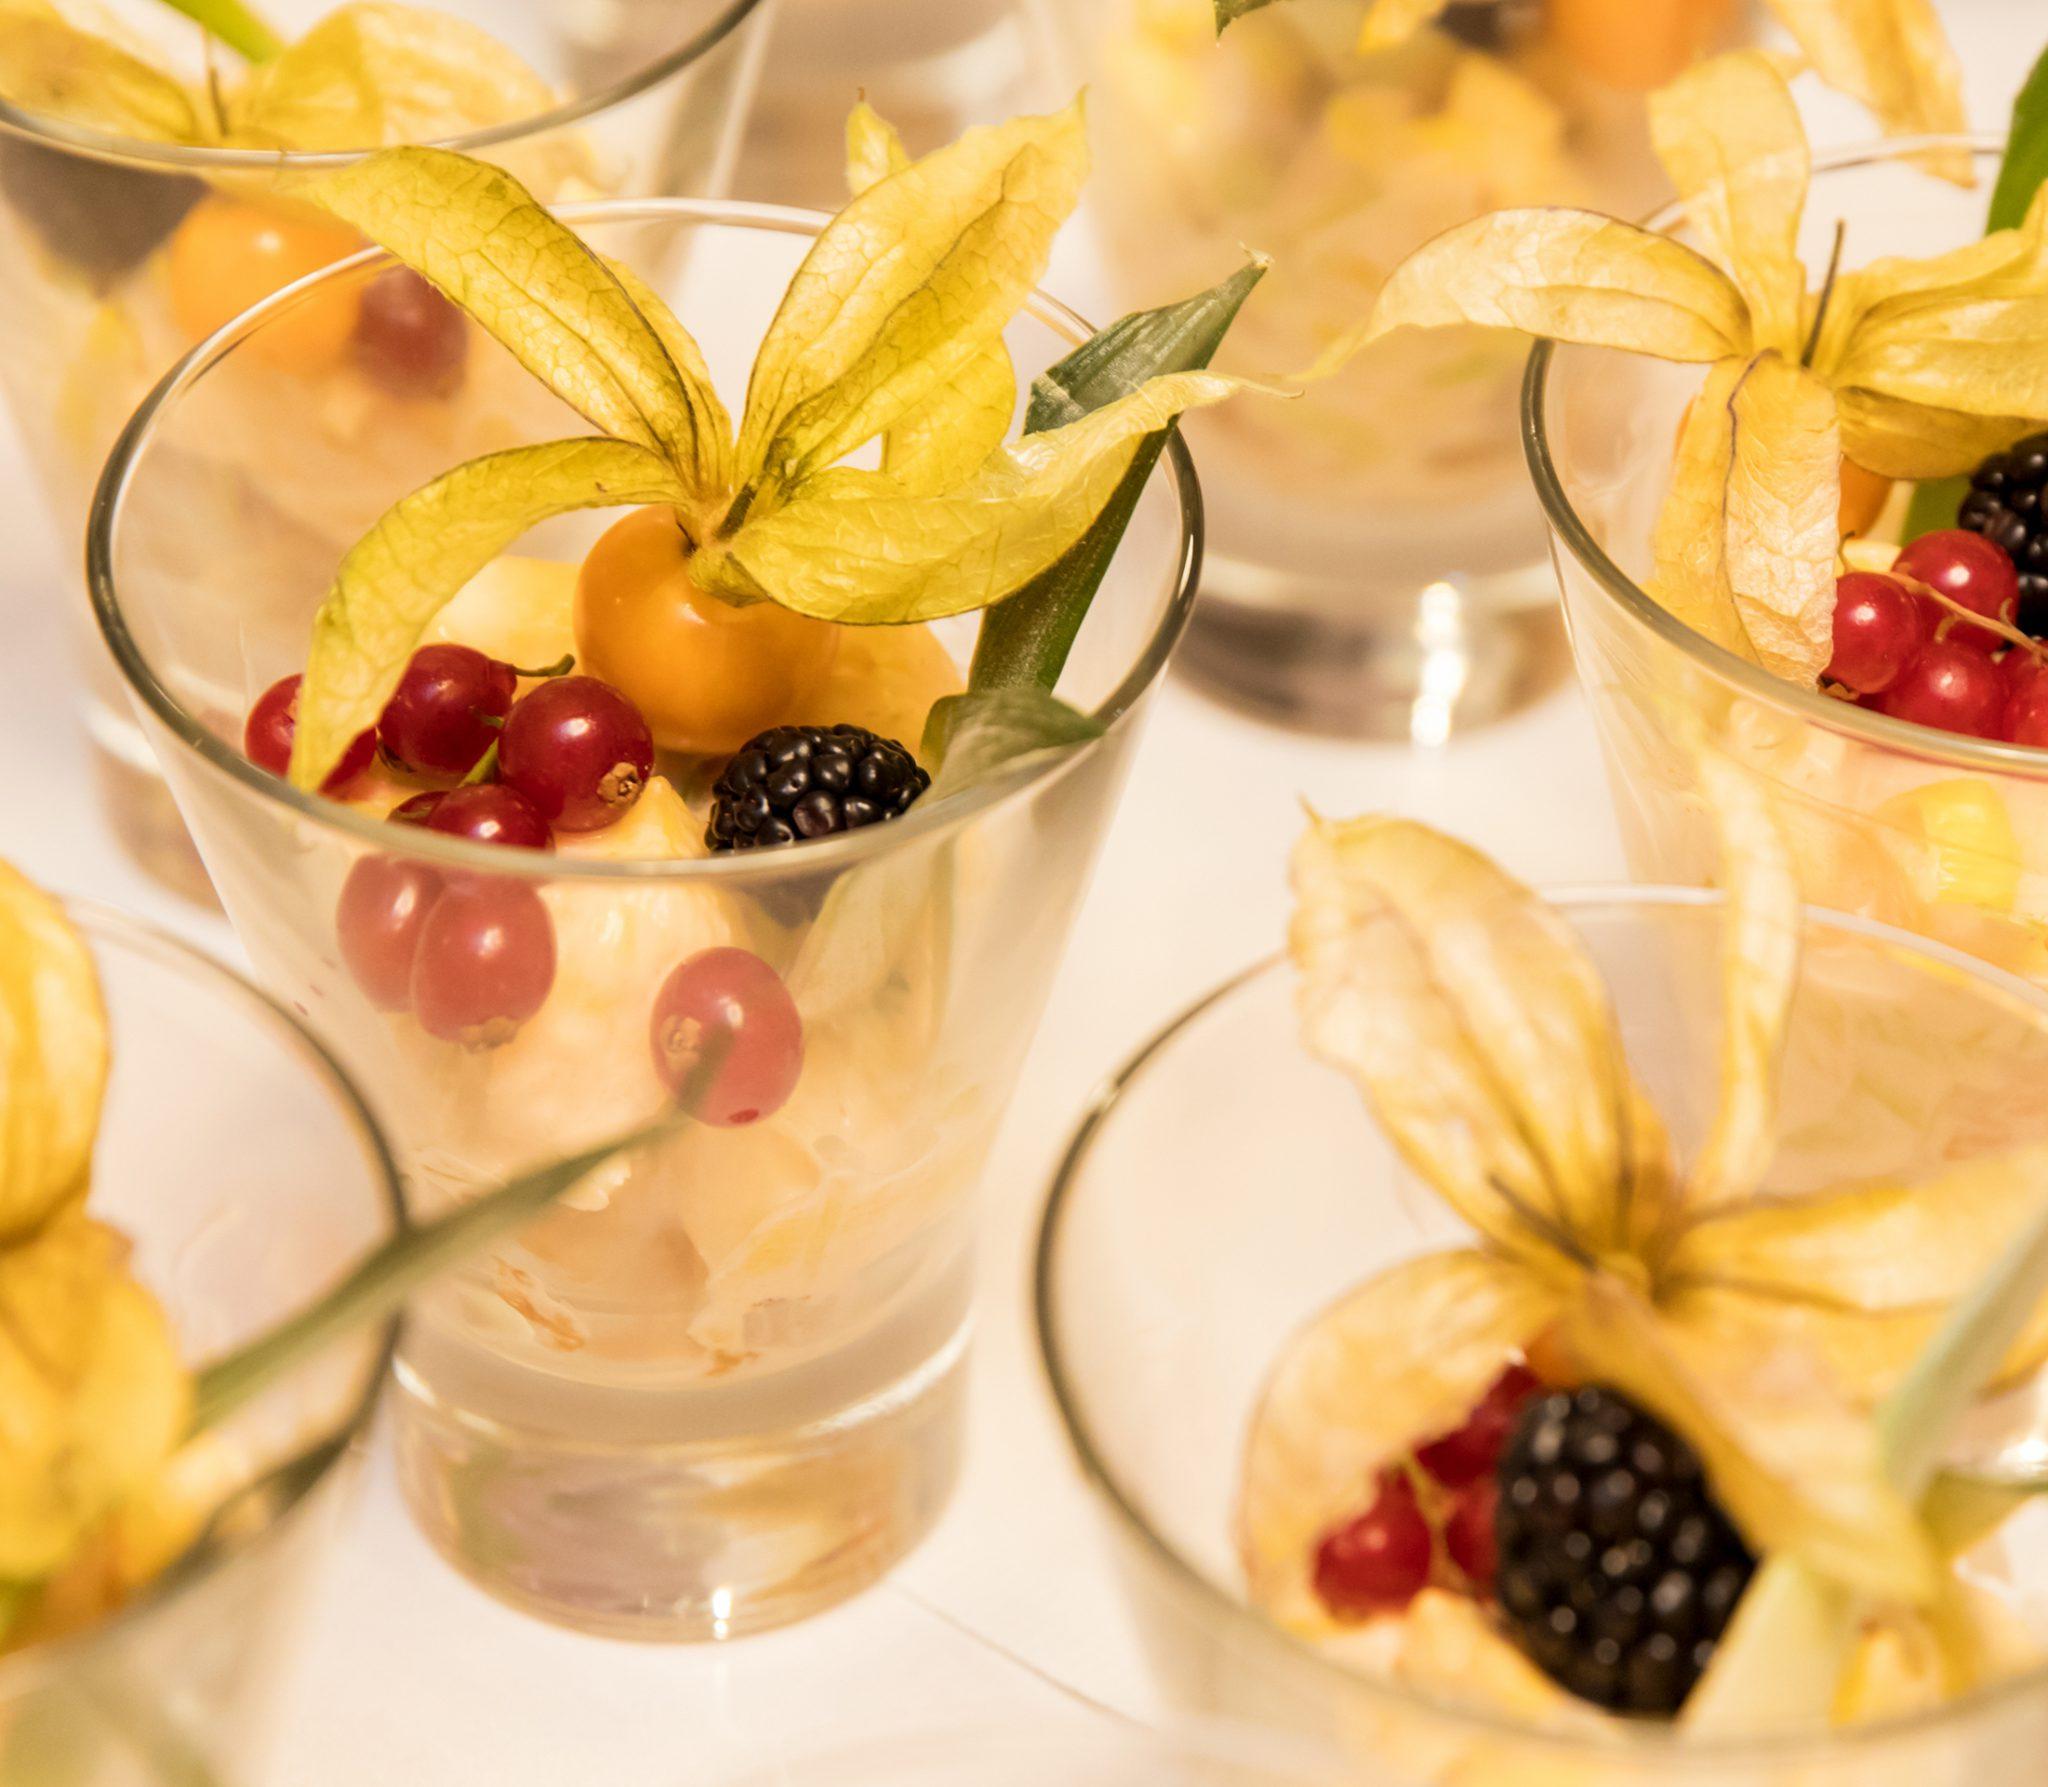 Desserts und leckere Gerichte gibt es bei Zimmermanns Restaurant in Bad Wildungen